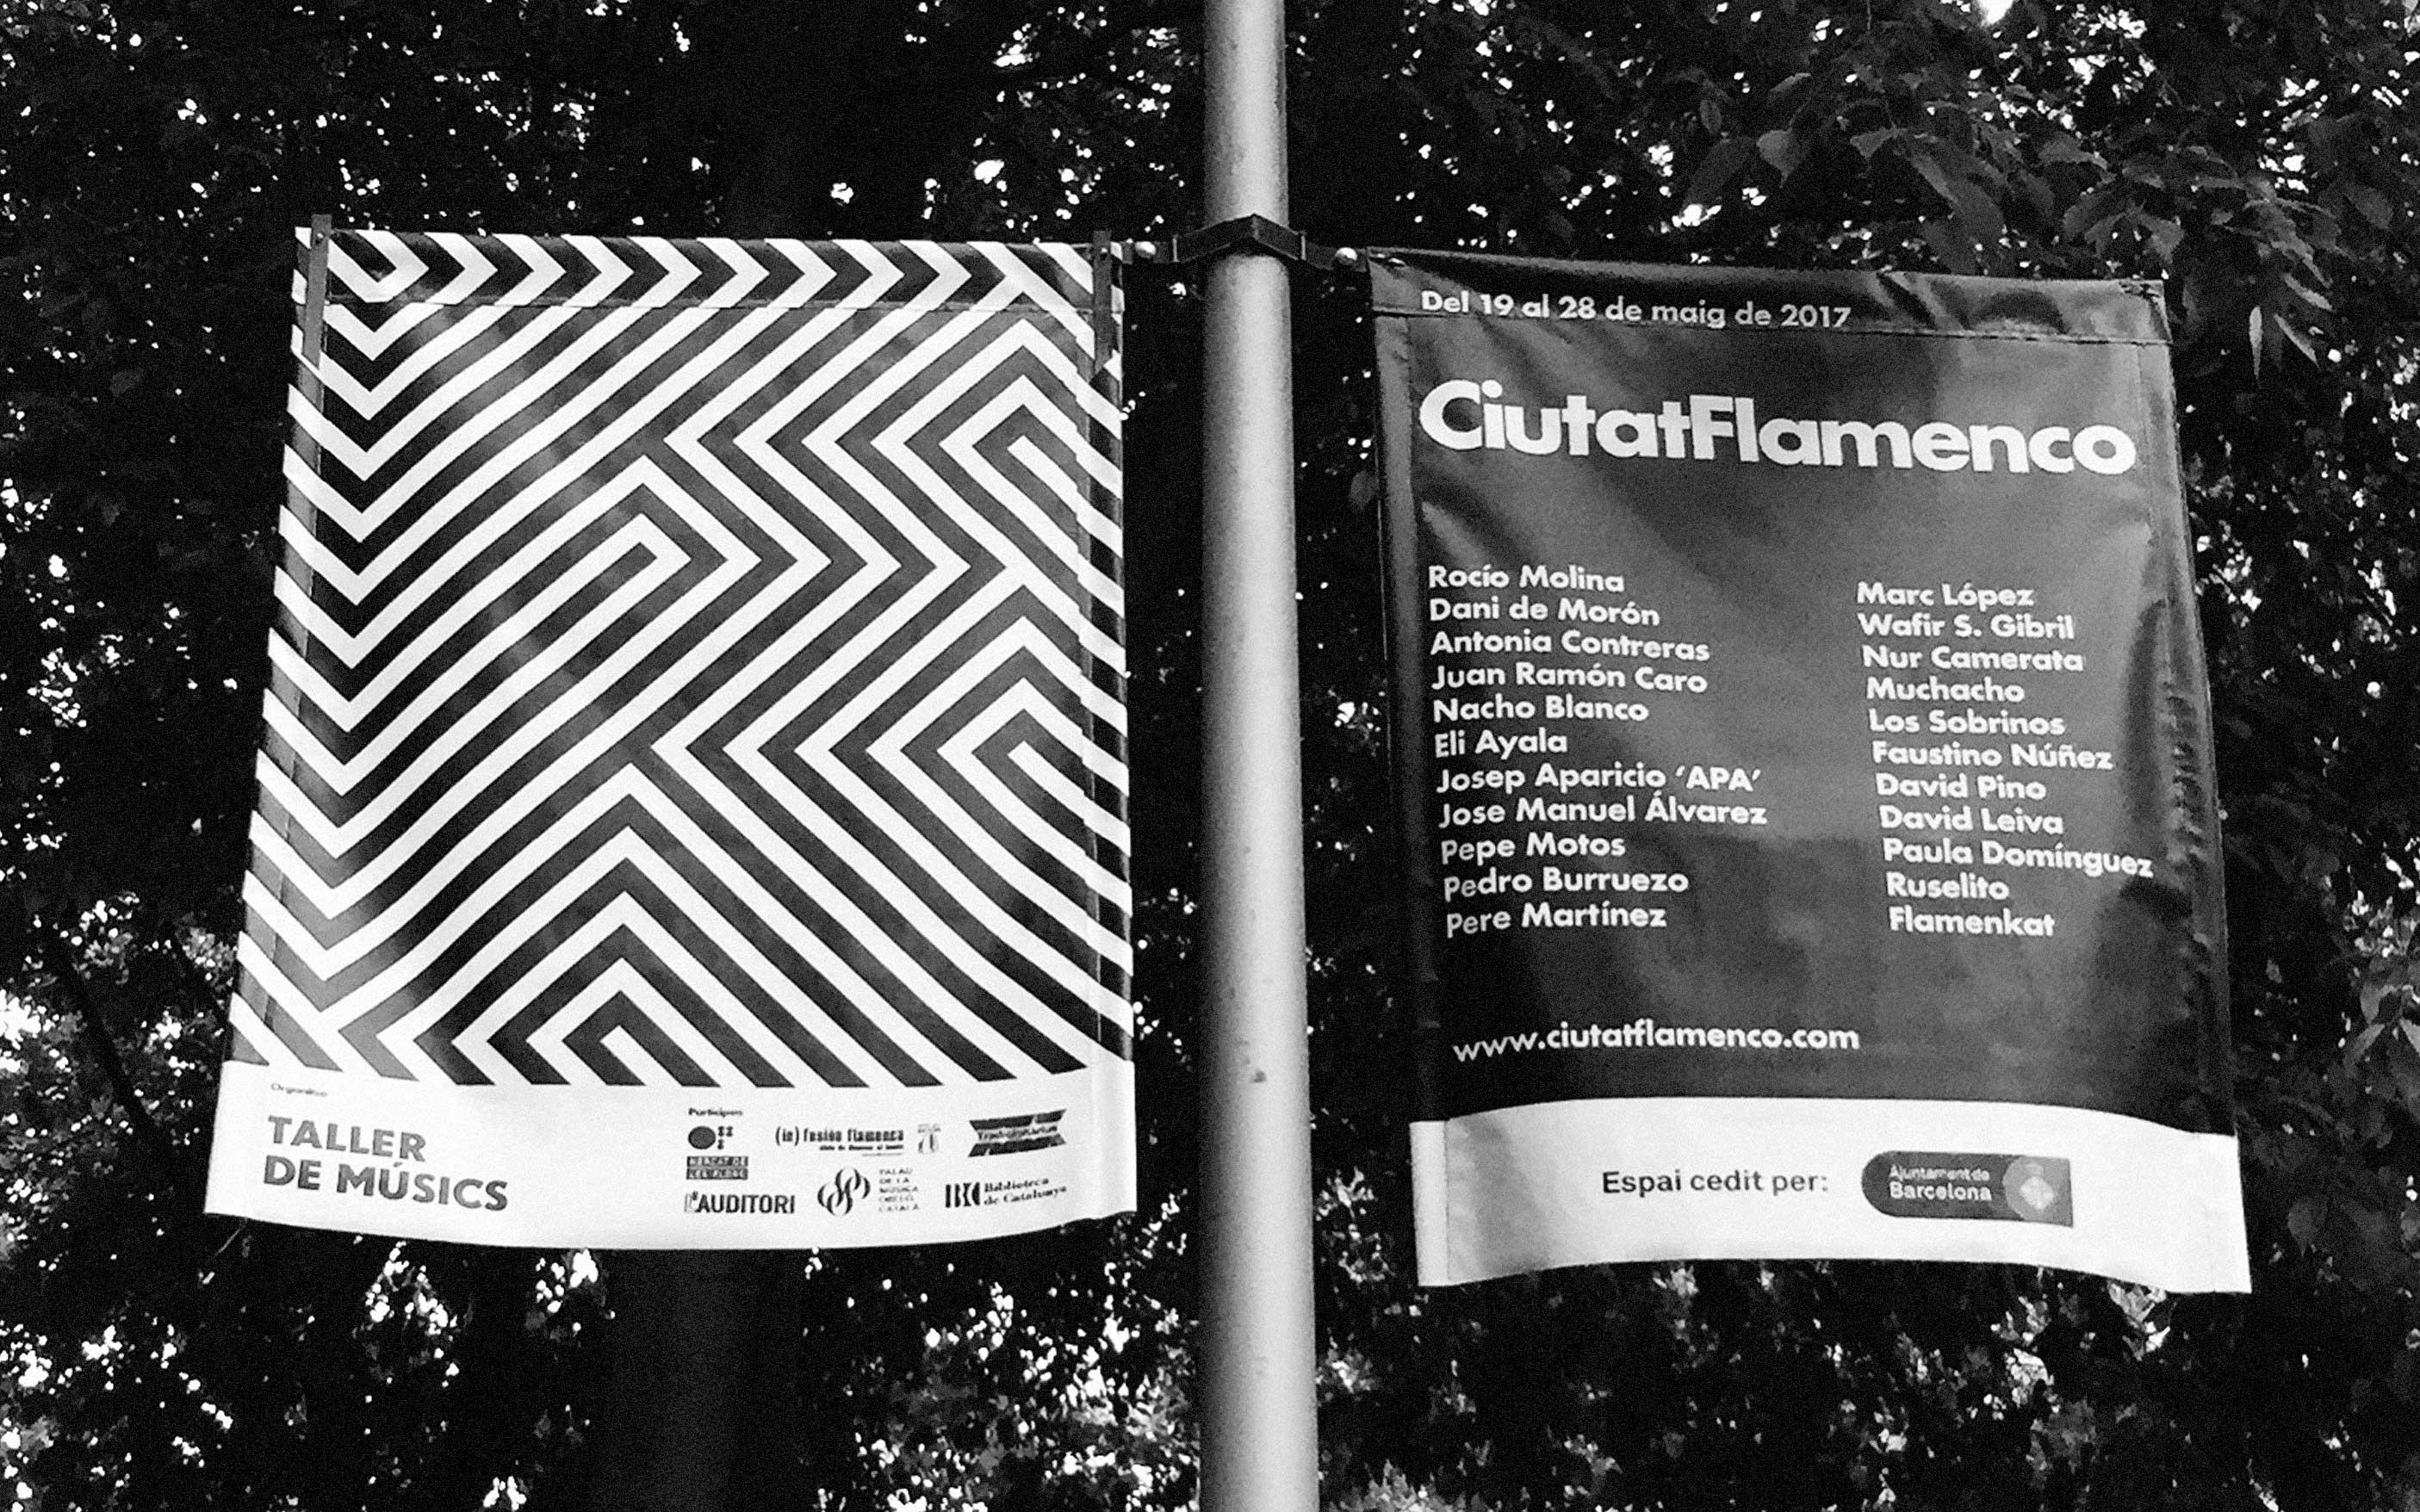 Solo_CiutatFlamenco2017_01